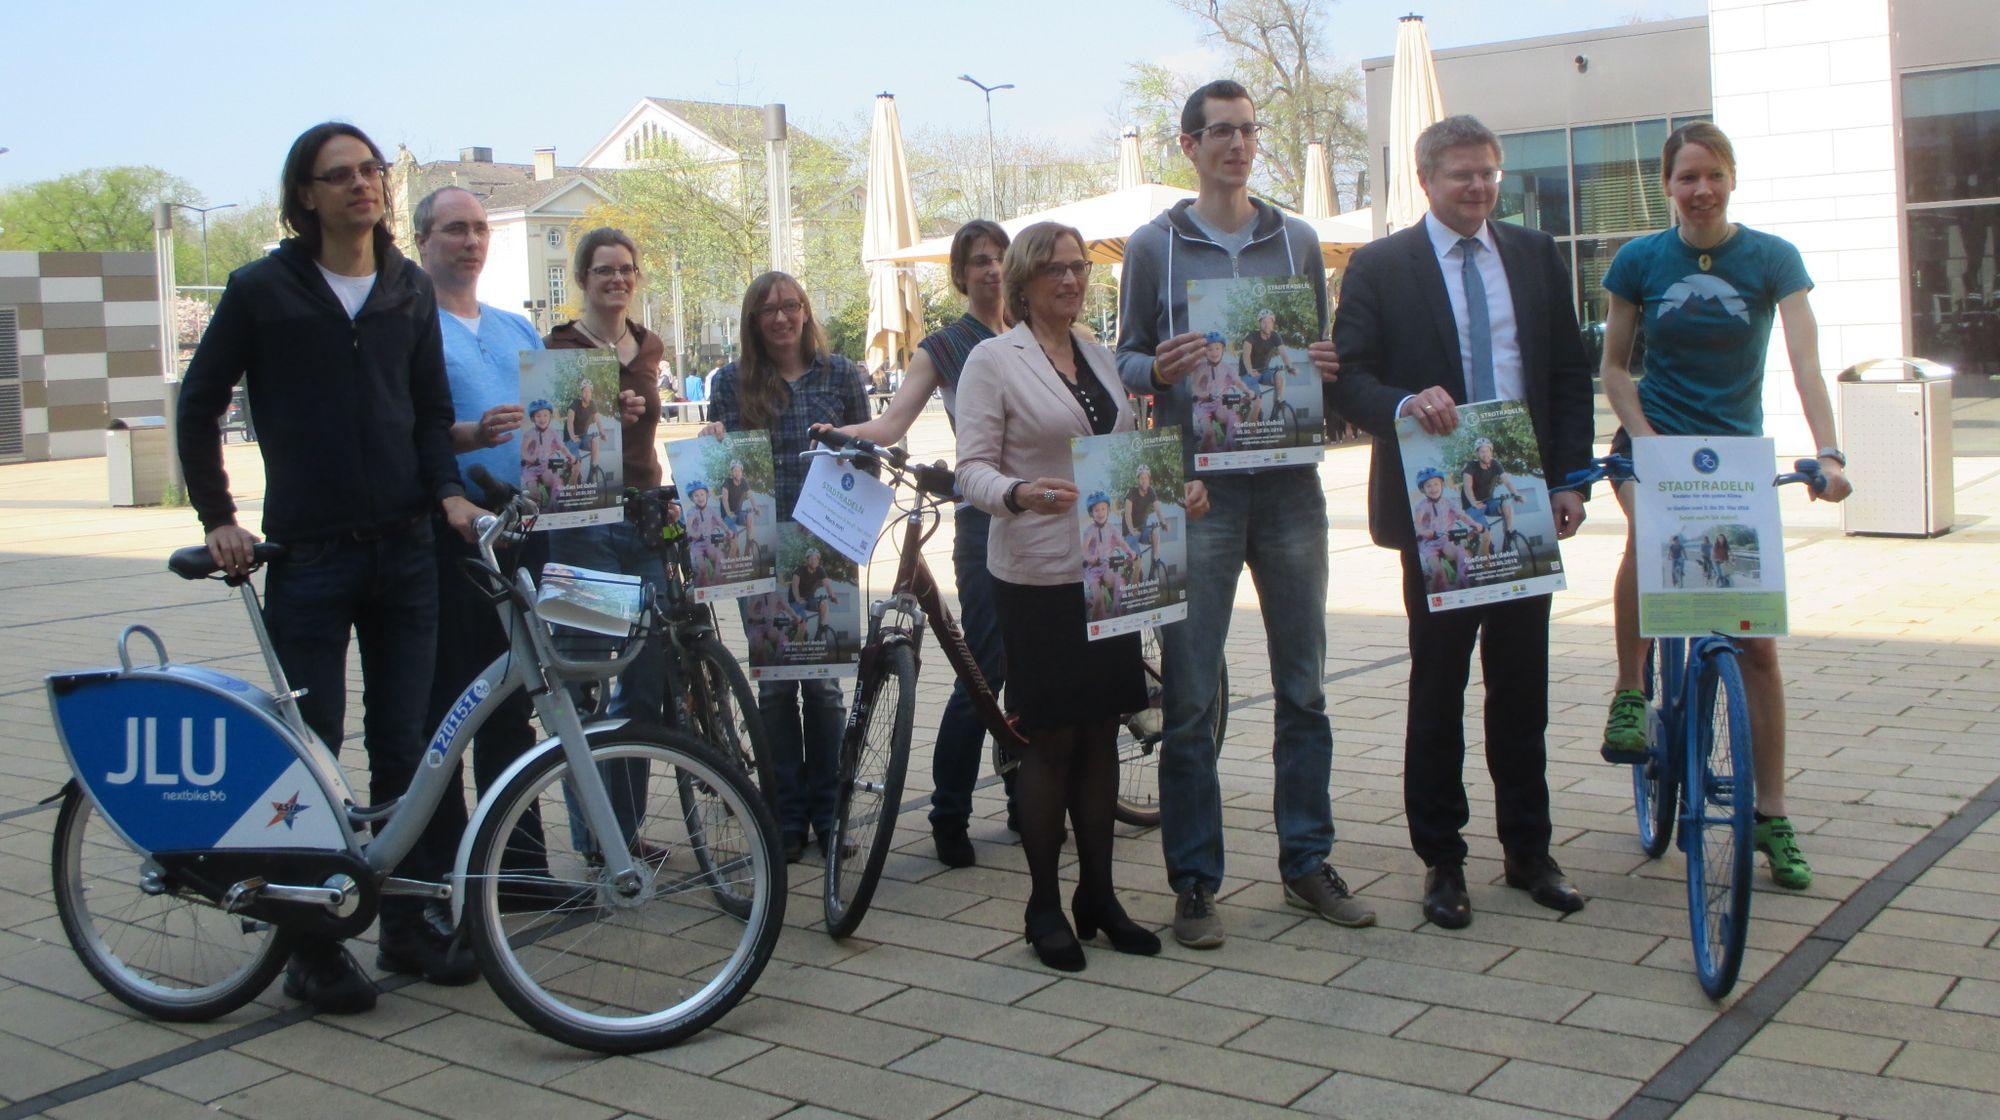 STADTRADELN 2018-Beteiligte vor dem Rathaus